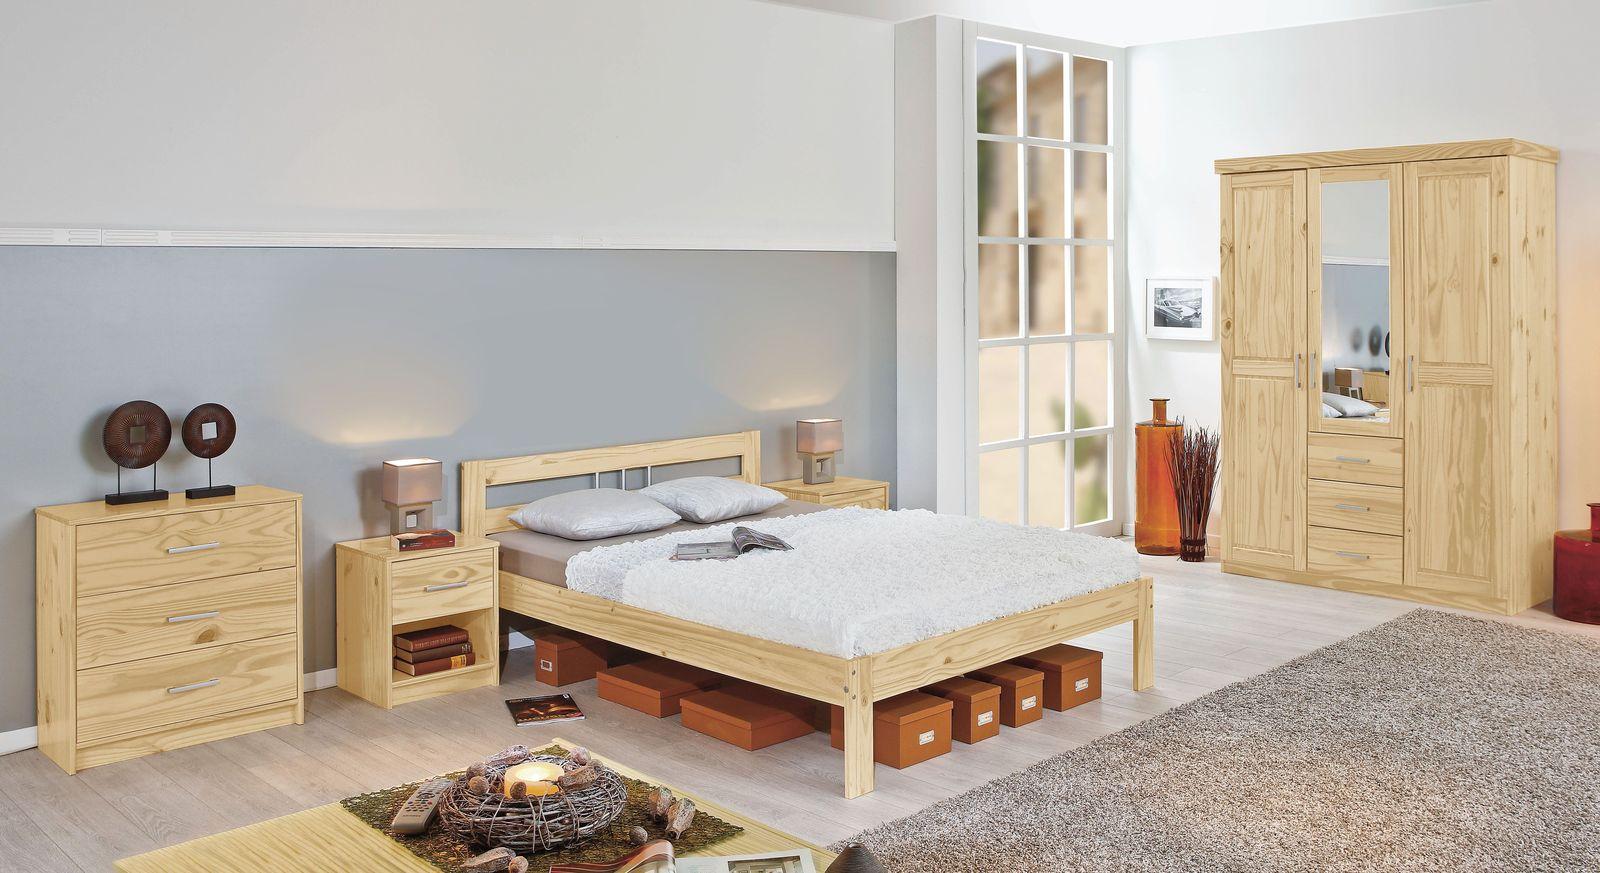 Preiswertes Jugend-Komplett-Schlafzimmer Bregenz